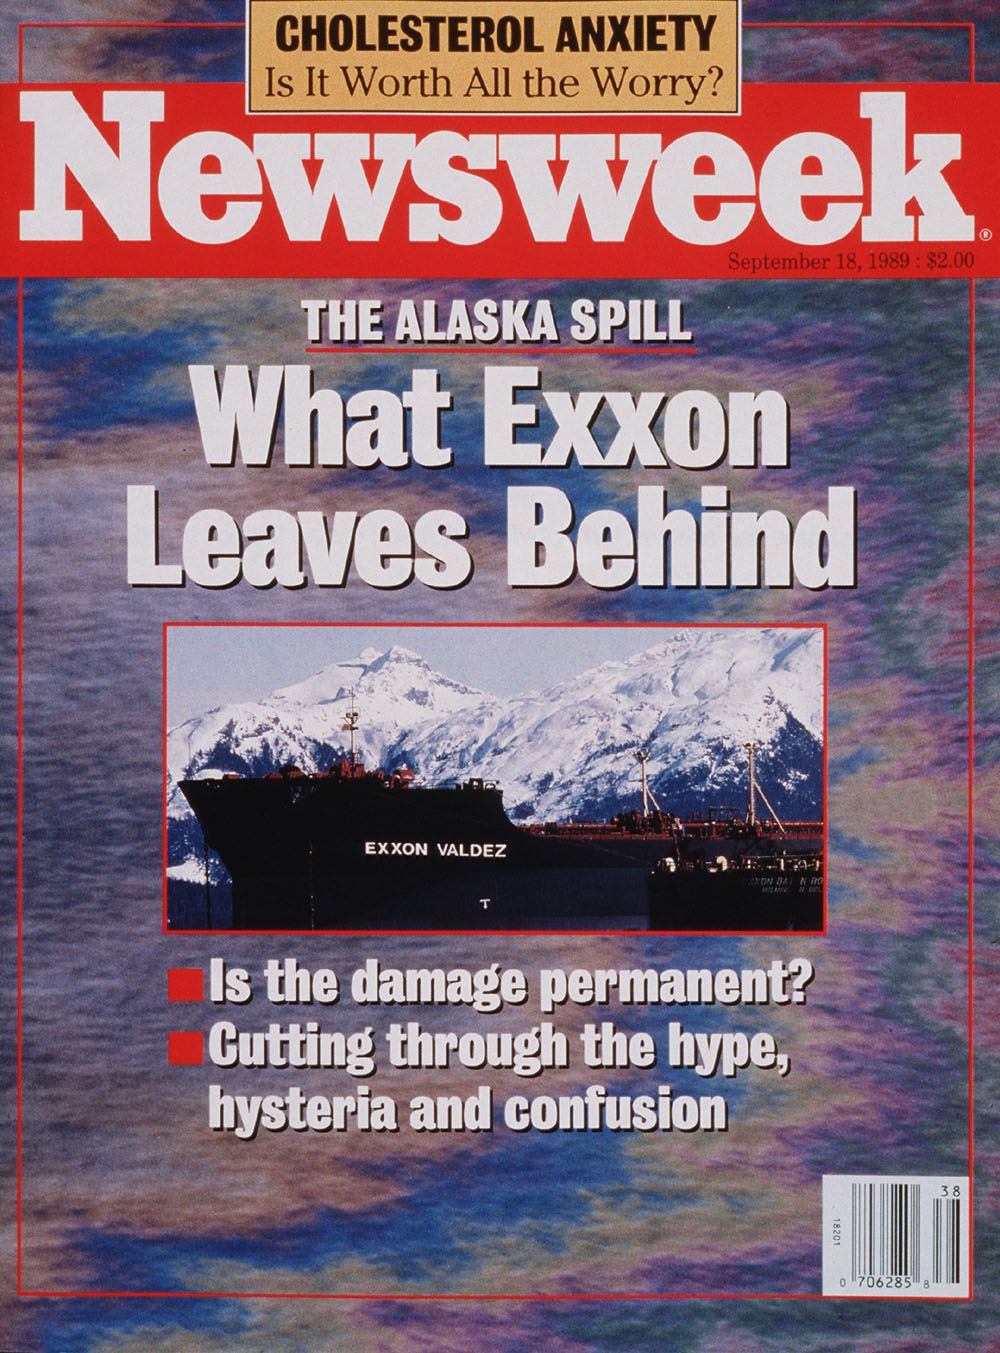 exxon valdez newsweek cover